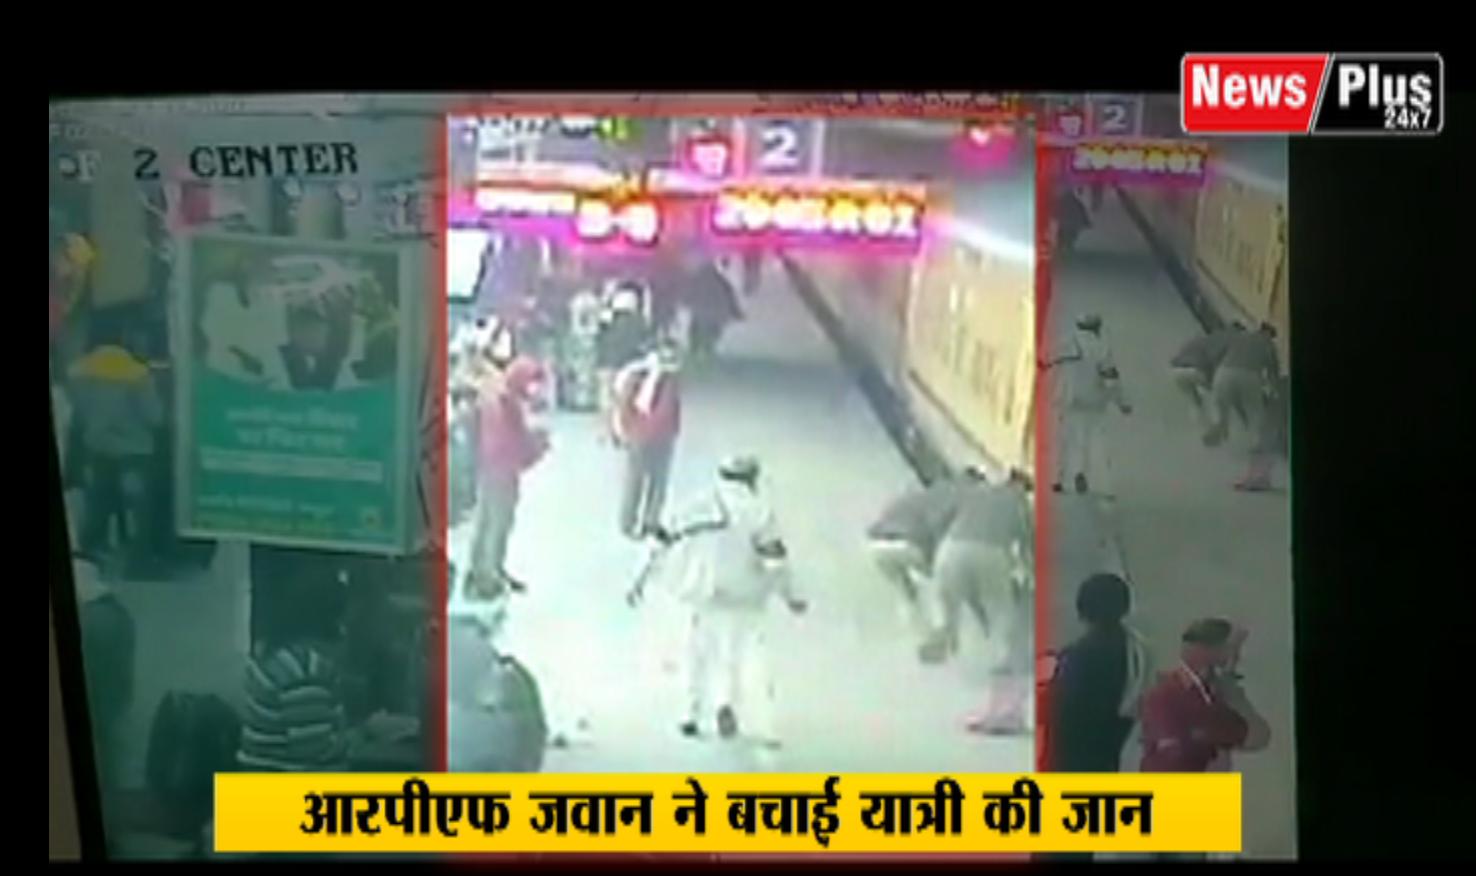 वीडियो : मथुरा में RPF जवान ने जान में बचाई यात्री की जान, CCTV में कैद हुई तस्वीर